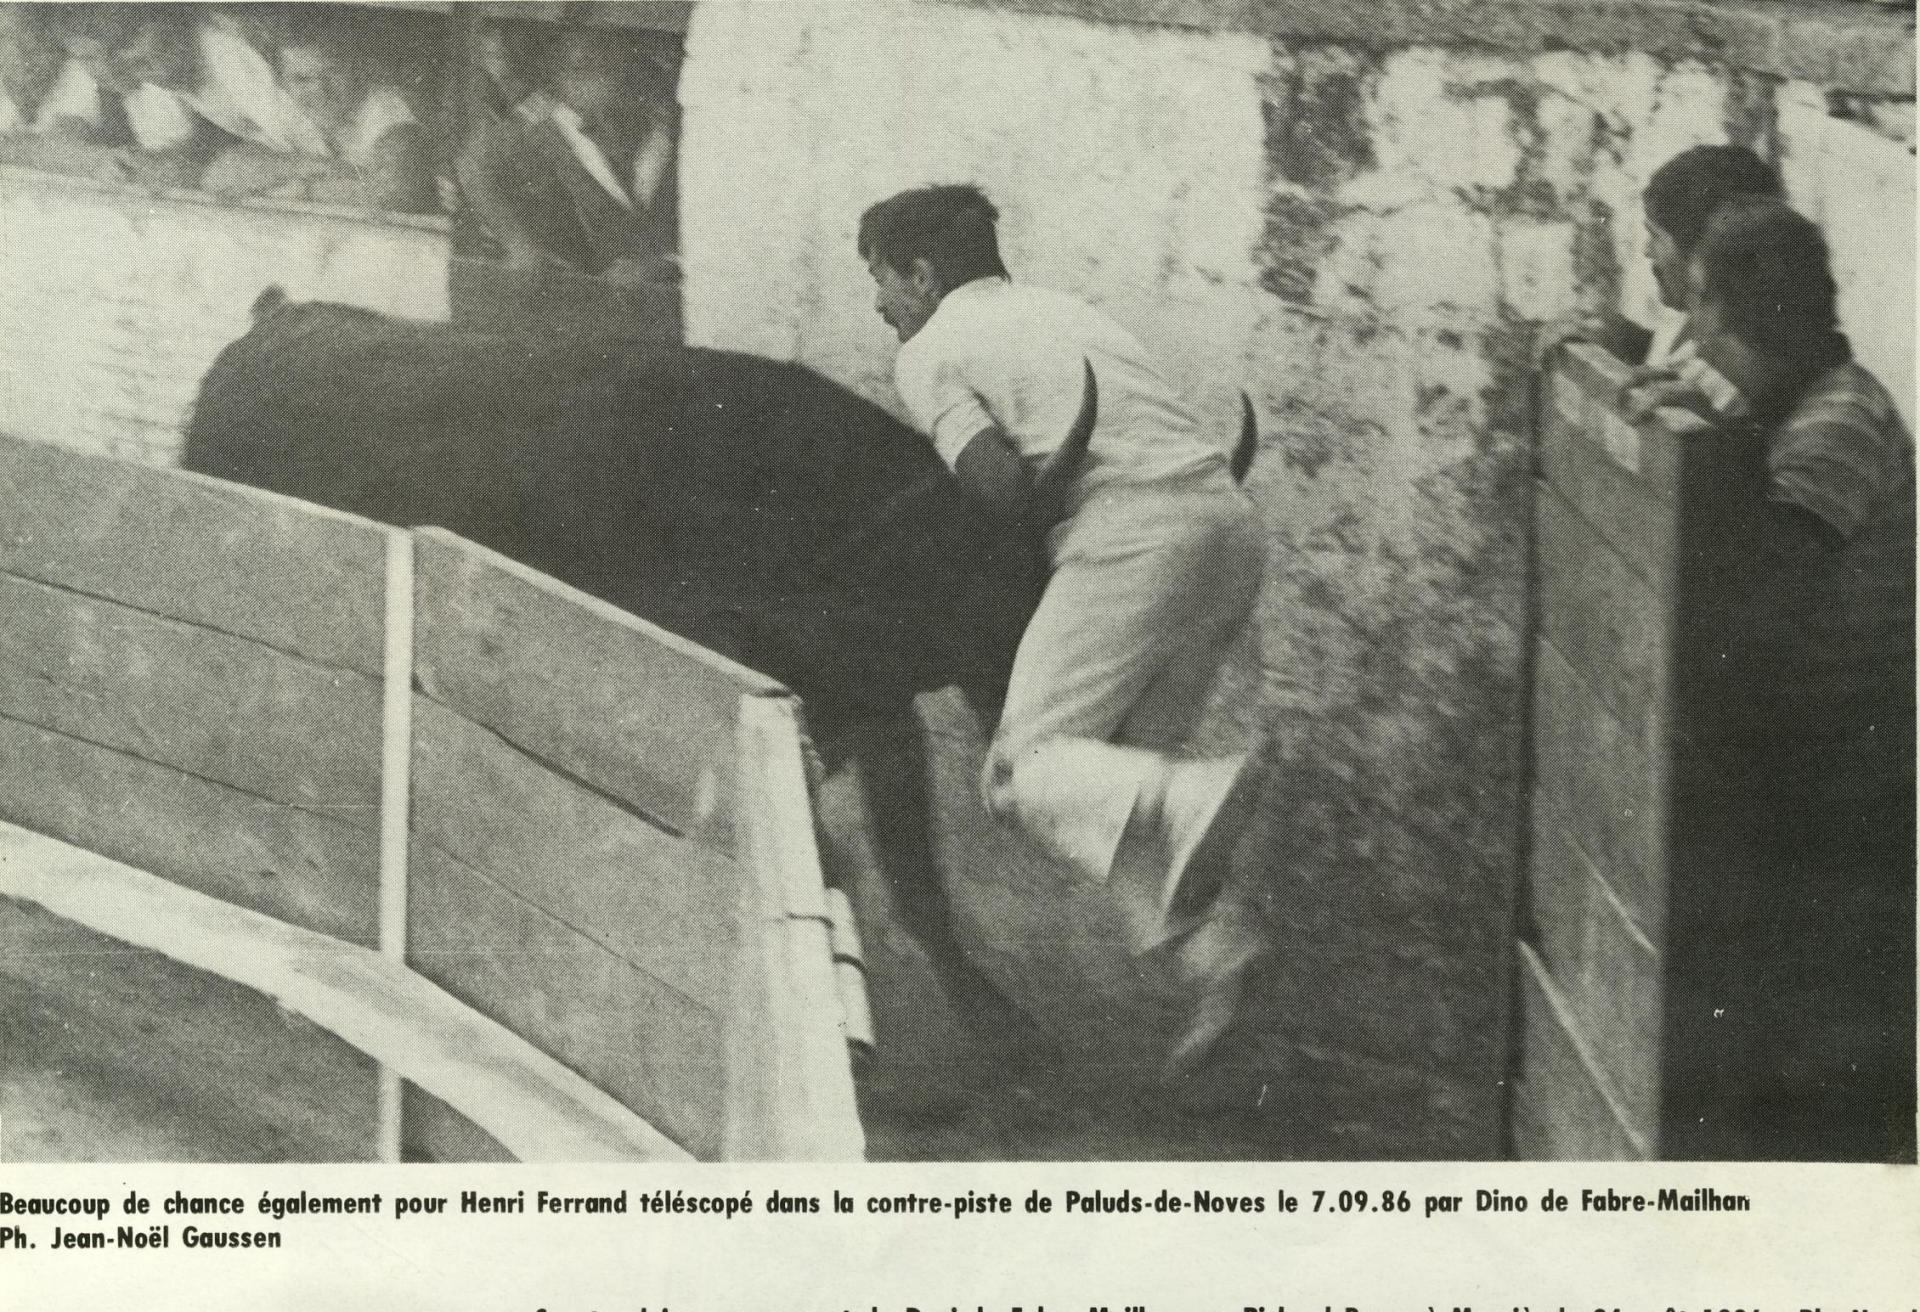 Dino f mailhan h ferrand 07 09 1986